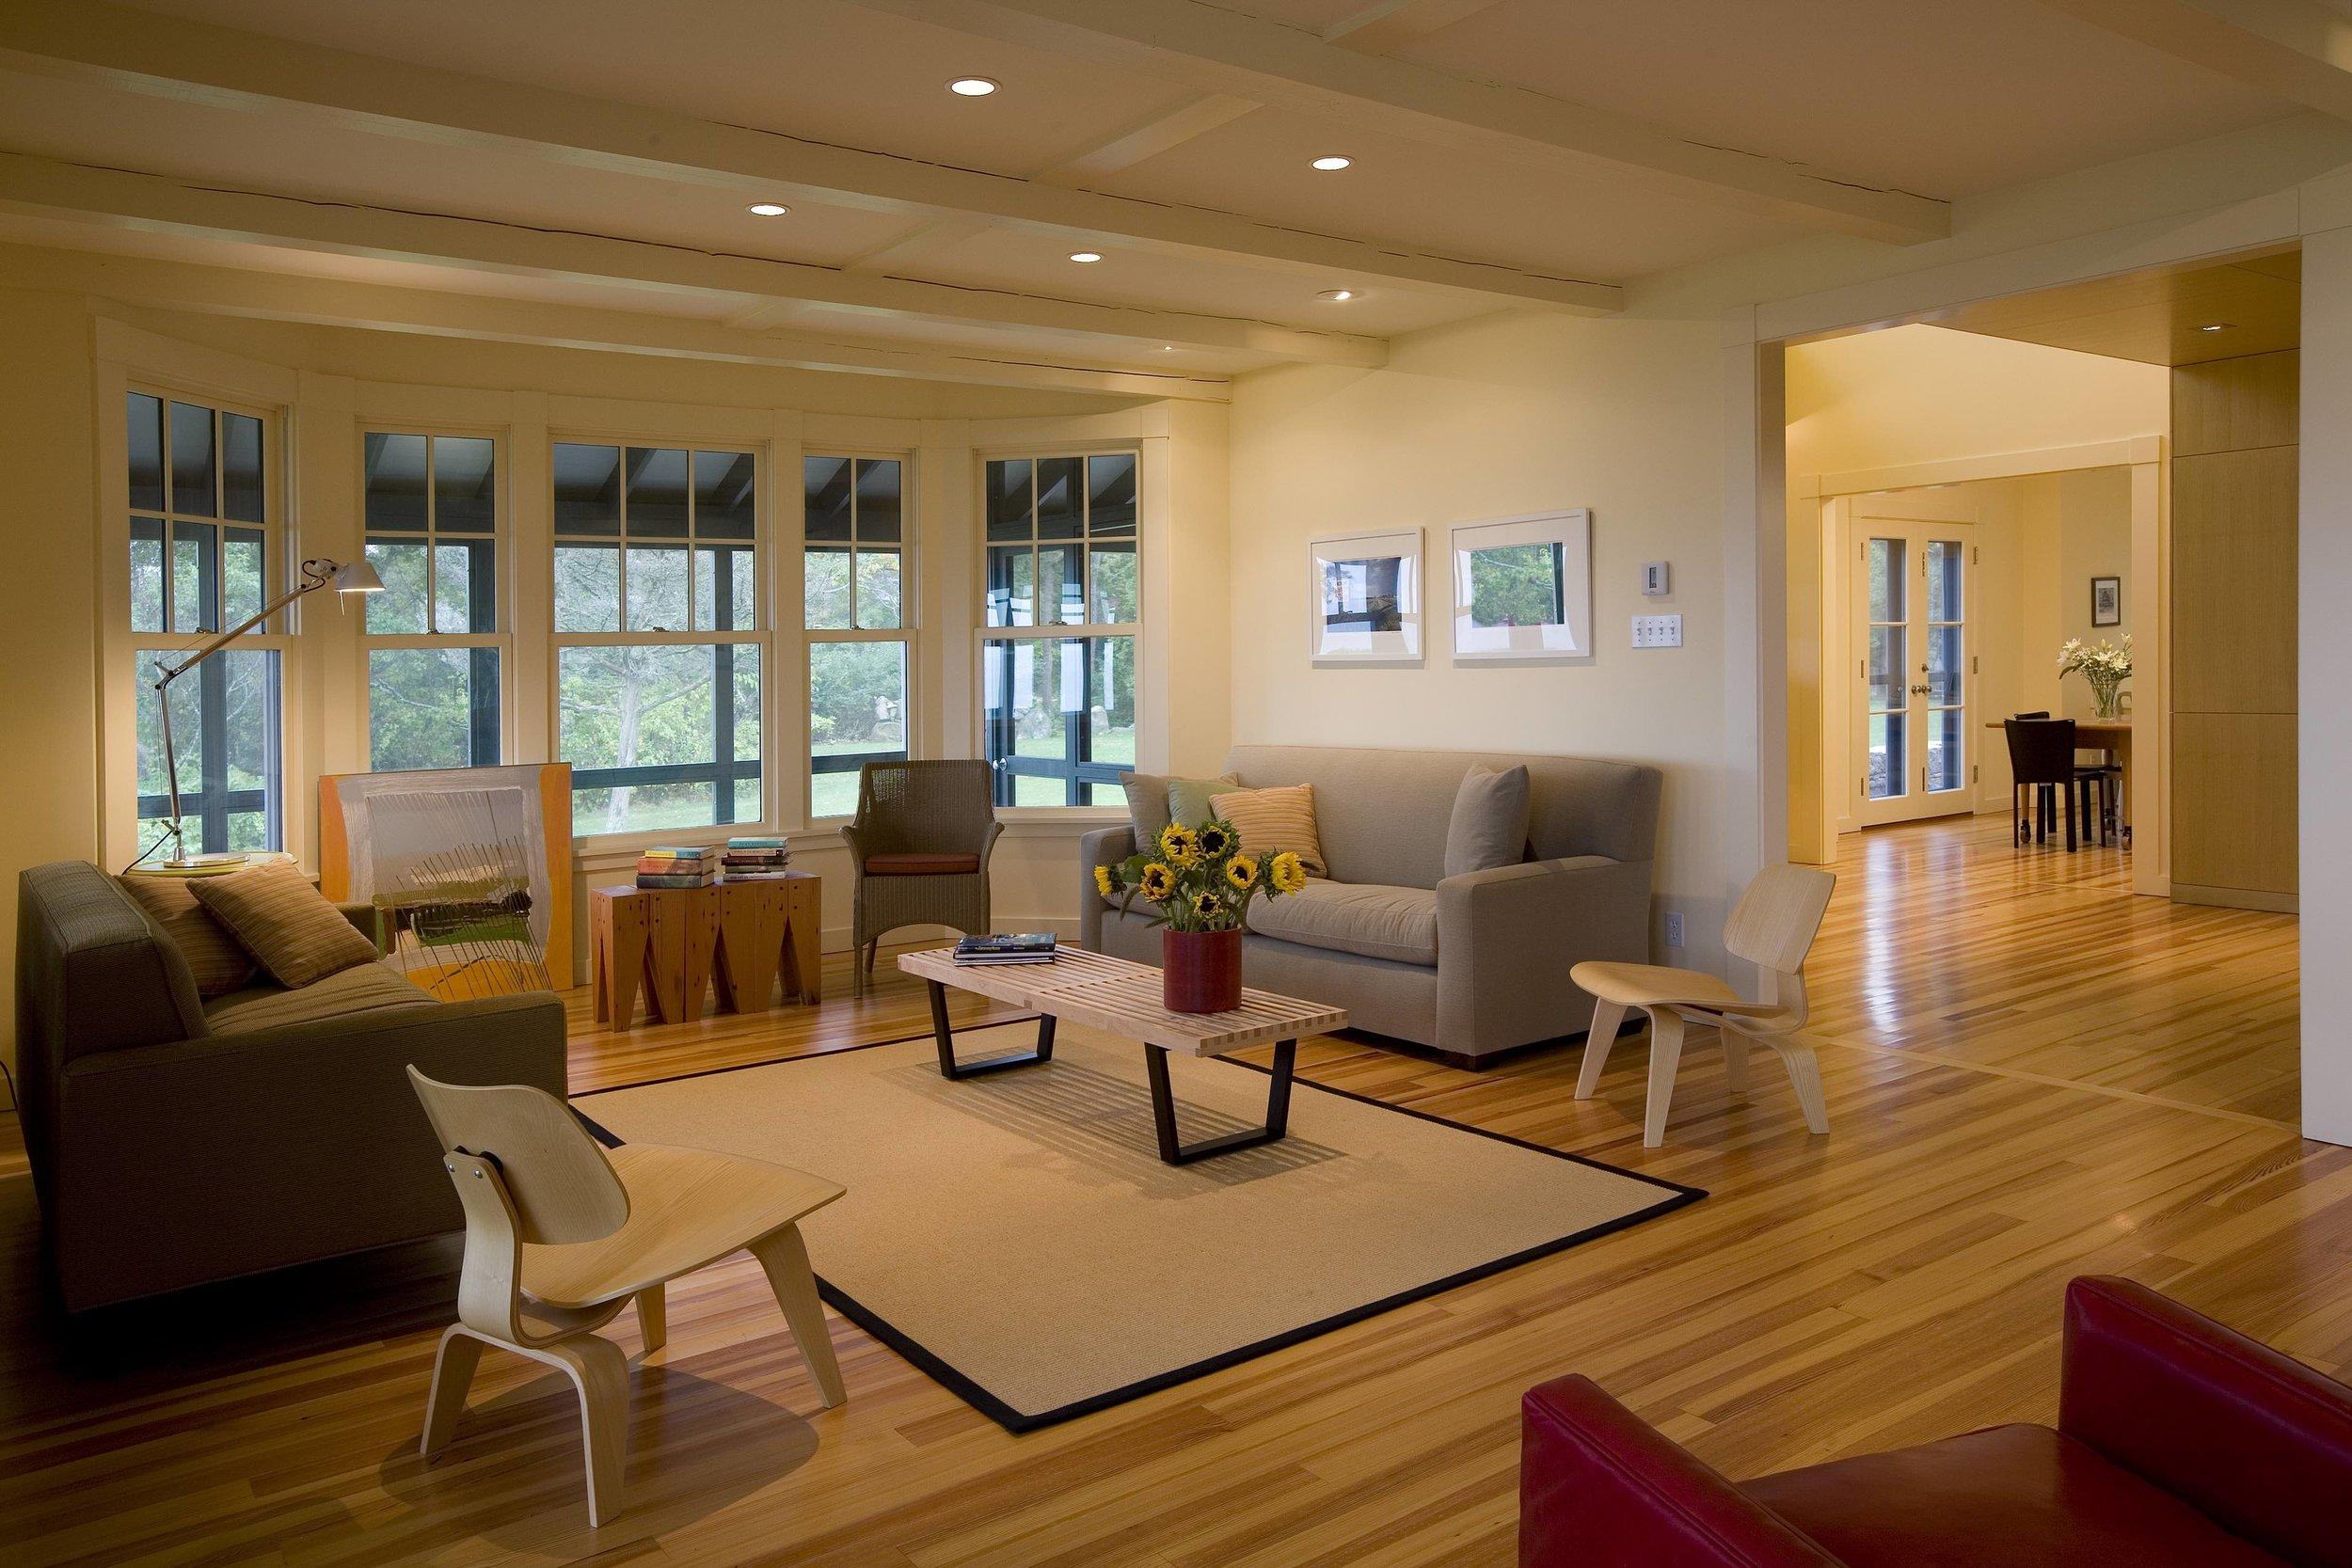 06 AVISNQ_MH_PV_INT_02 living room.jpg